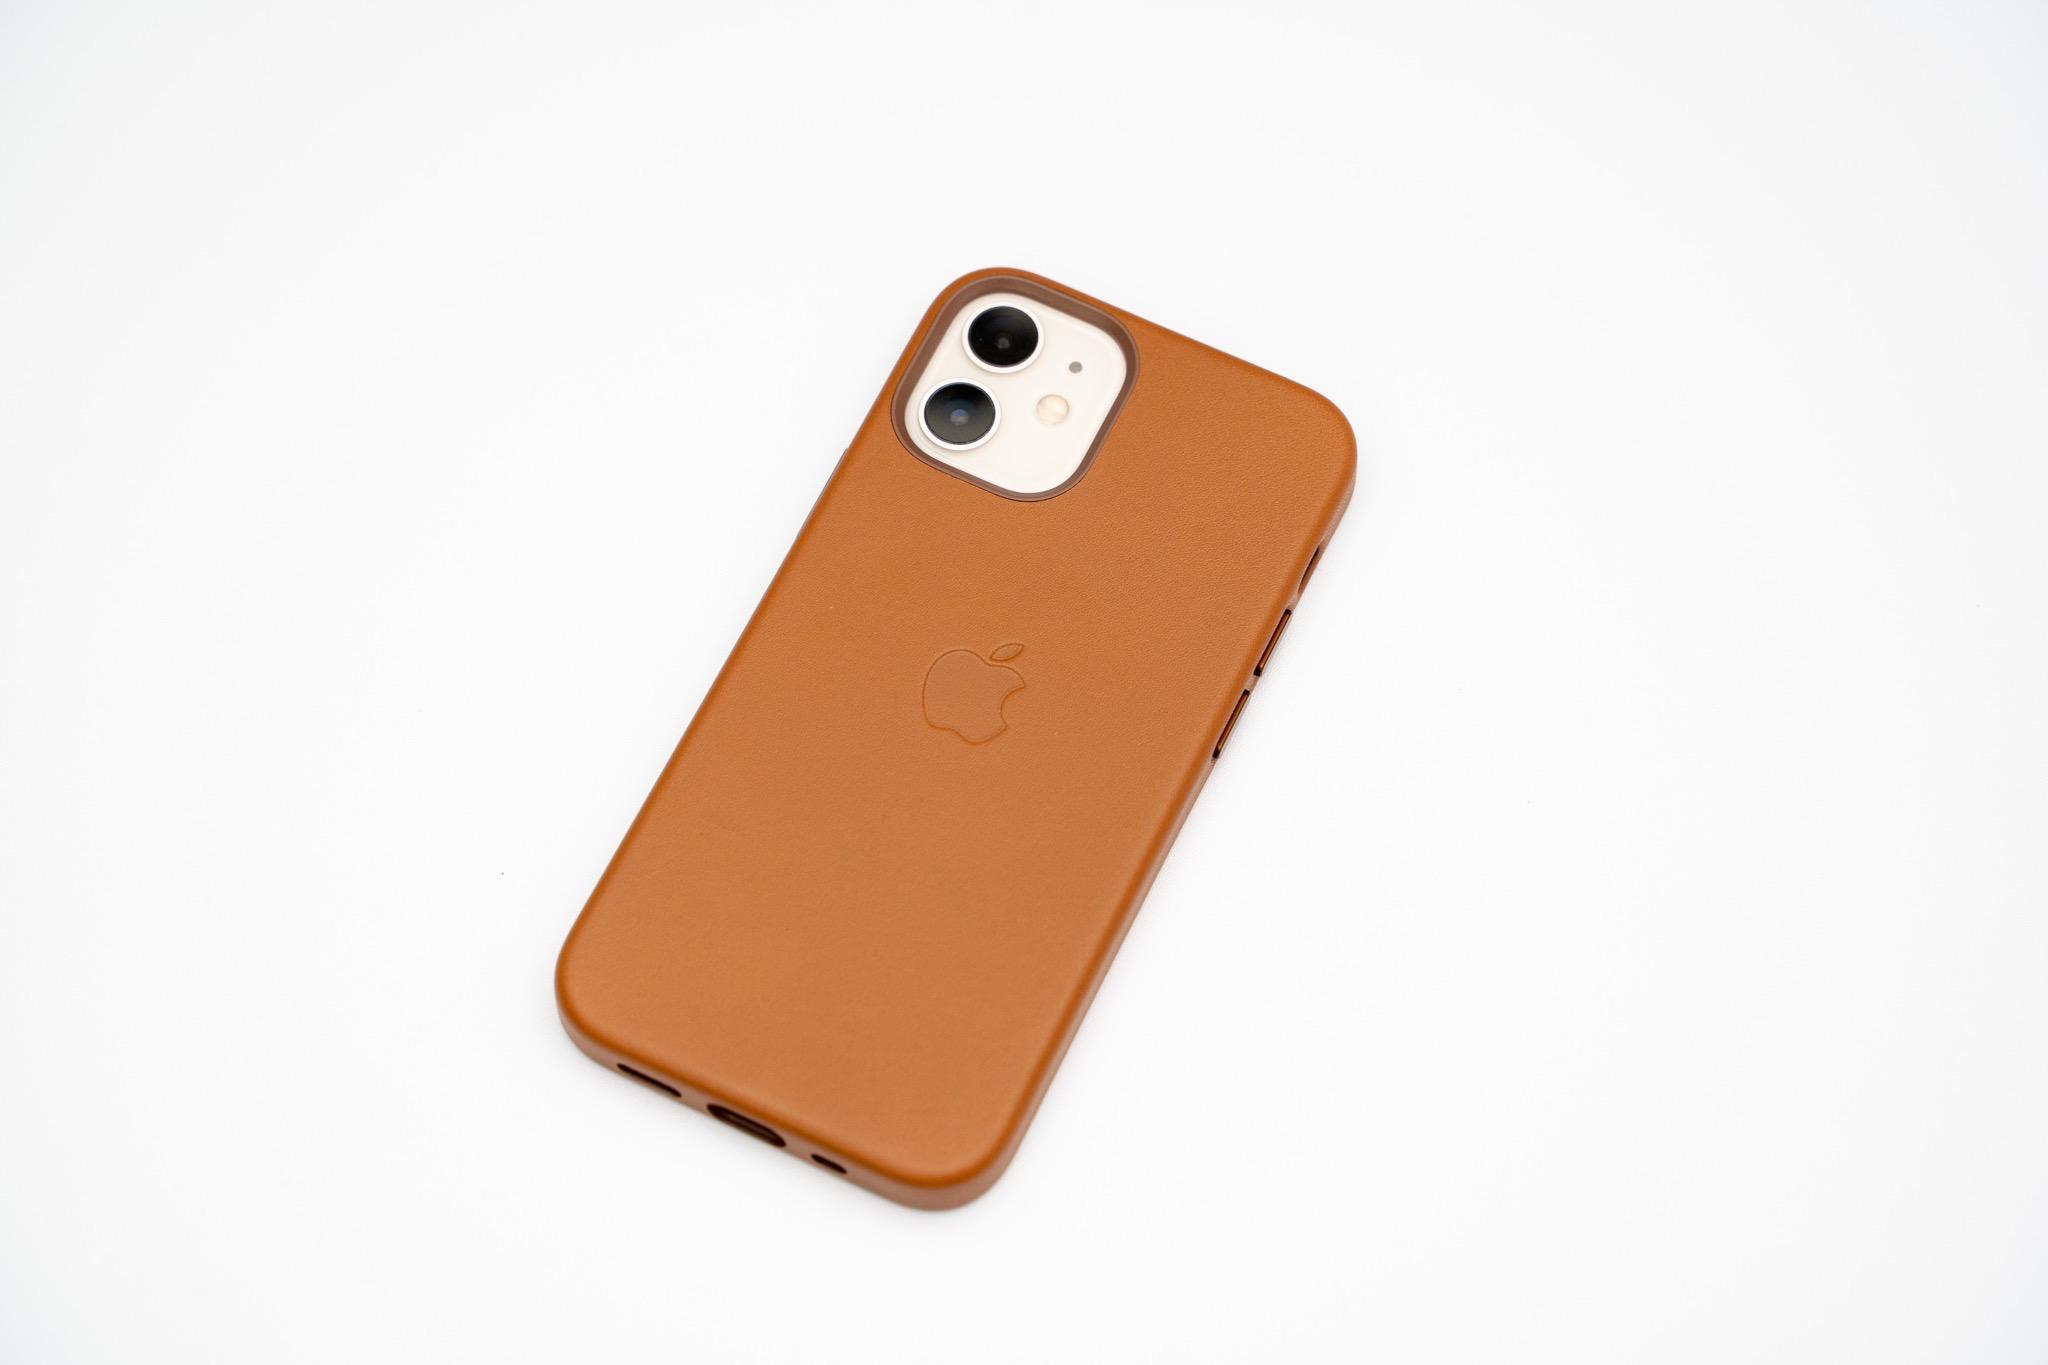 MagSafe対応で経年変化が楽しめる本革ケース。「iPhone12シリーズ用Apple純正レザーケース」